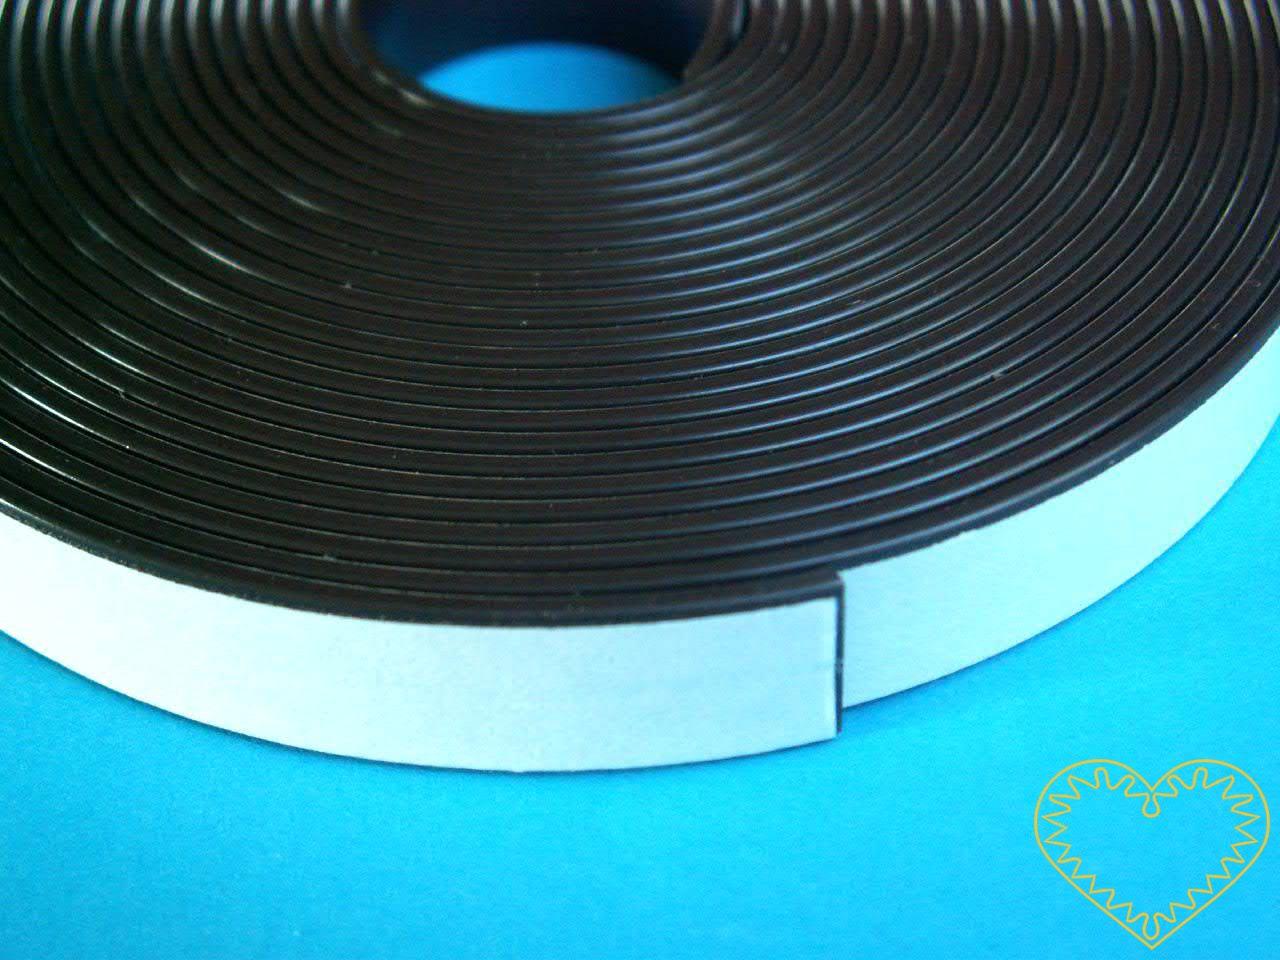 Magnetická samolepící páska - výborná pomůcka pro výrobu vlastnoručních magnetek. Páska je z jedné strany samolepící, takže na ni stačí přilepit Váš výtvor z papíru, fima, umělé hmoty apod. a vzniknou tak originální magnetky. Páska se dá jednoduše st